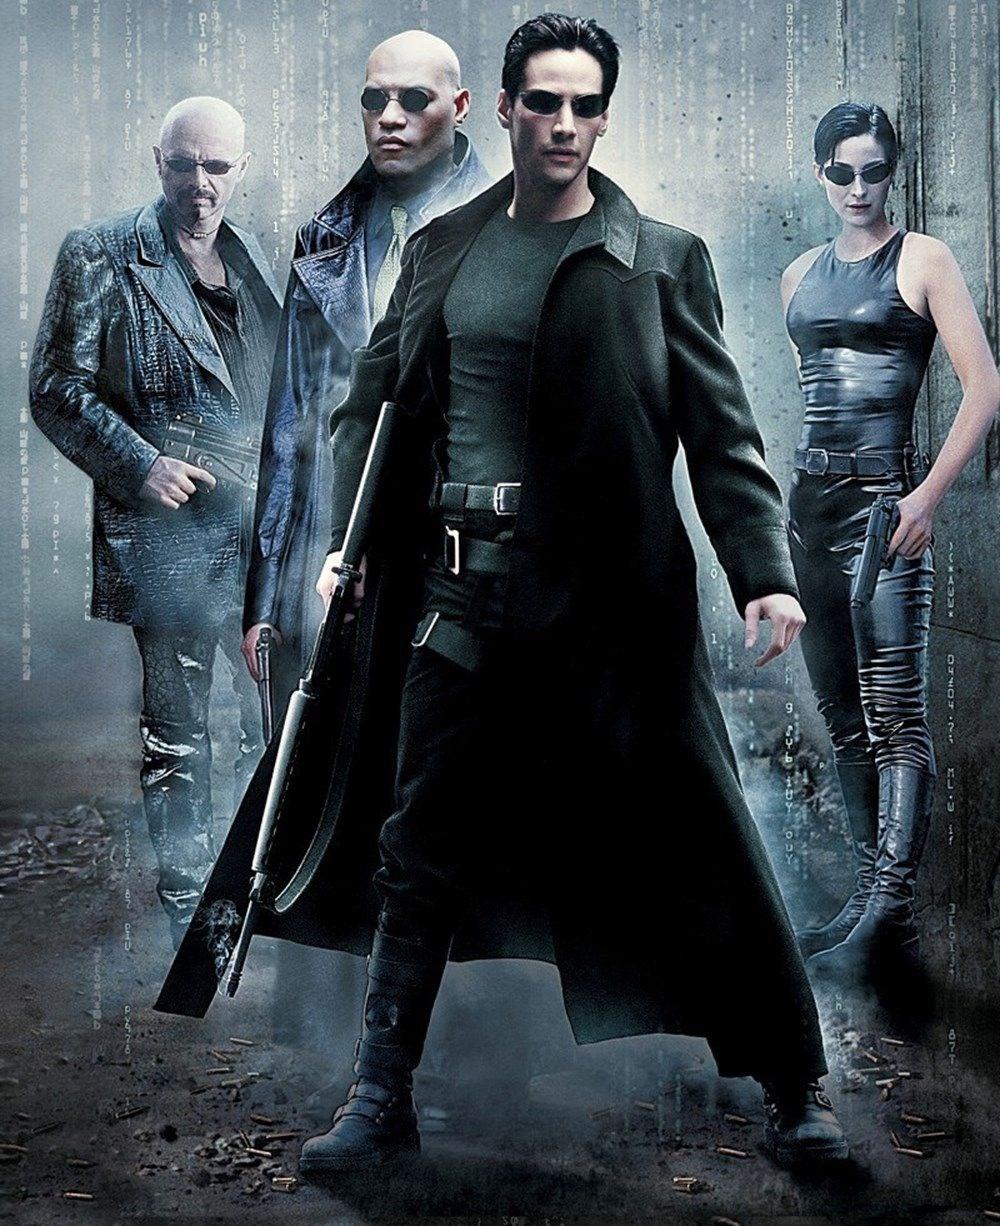 Yönetmen Lilly Wachowski, The Matrix filminin trans hikayesi olduğunu açıkladı - 2